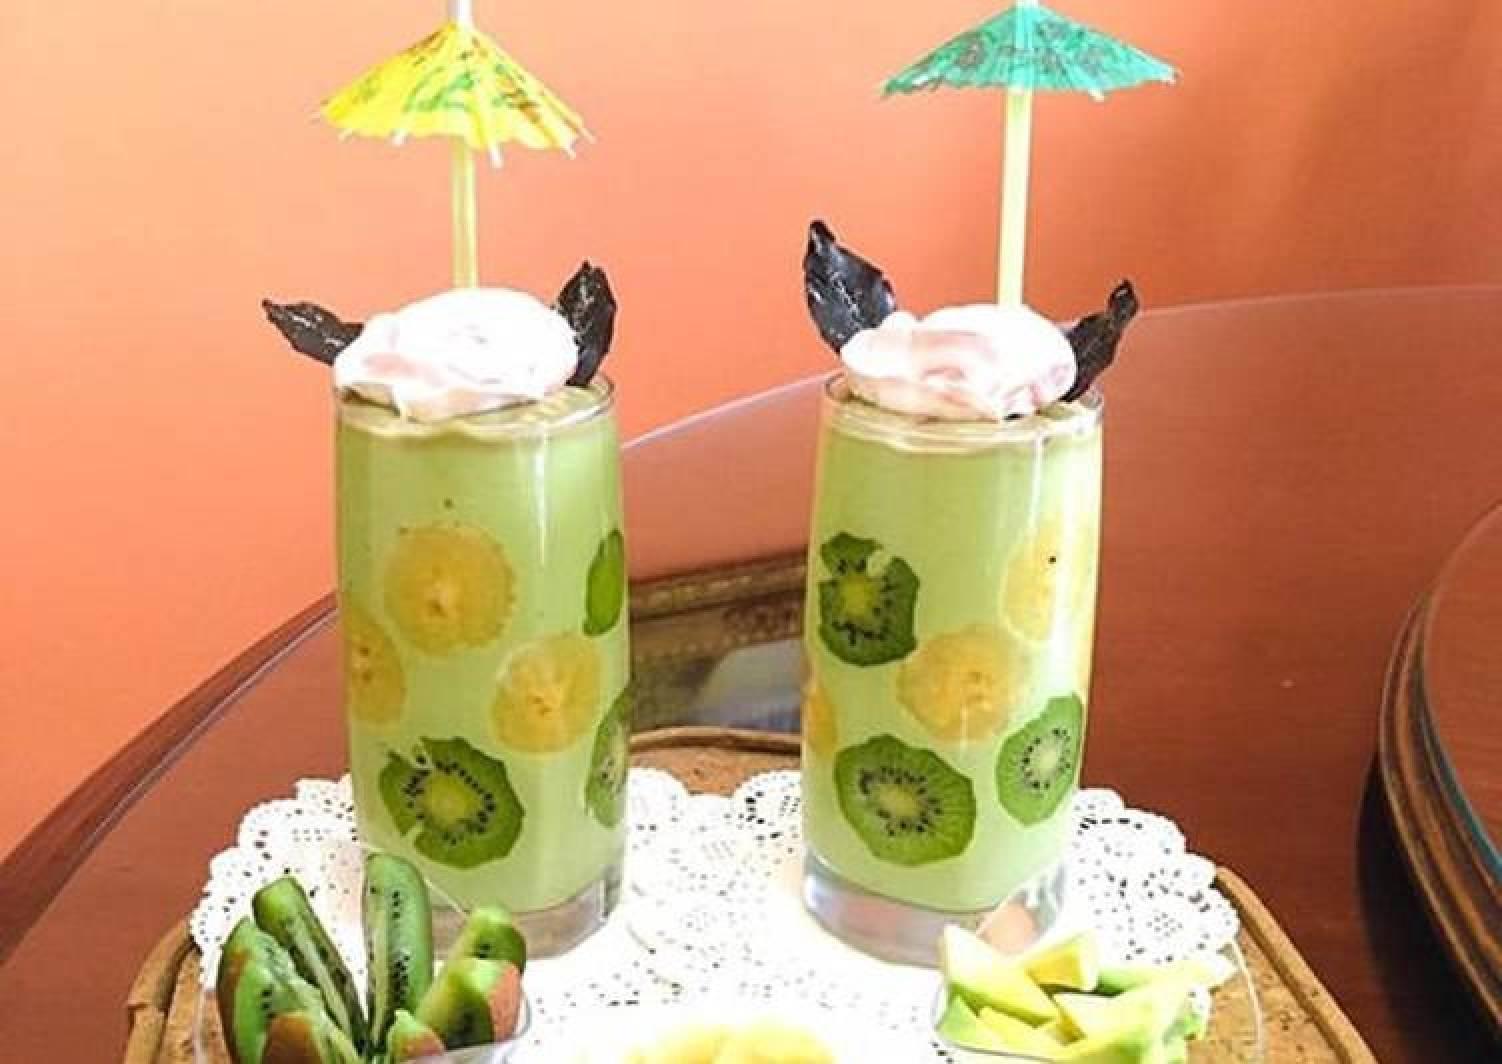 Avocado Smoothie with condensed milk #chocolateSpoon #Photographychallenge